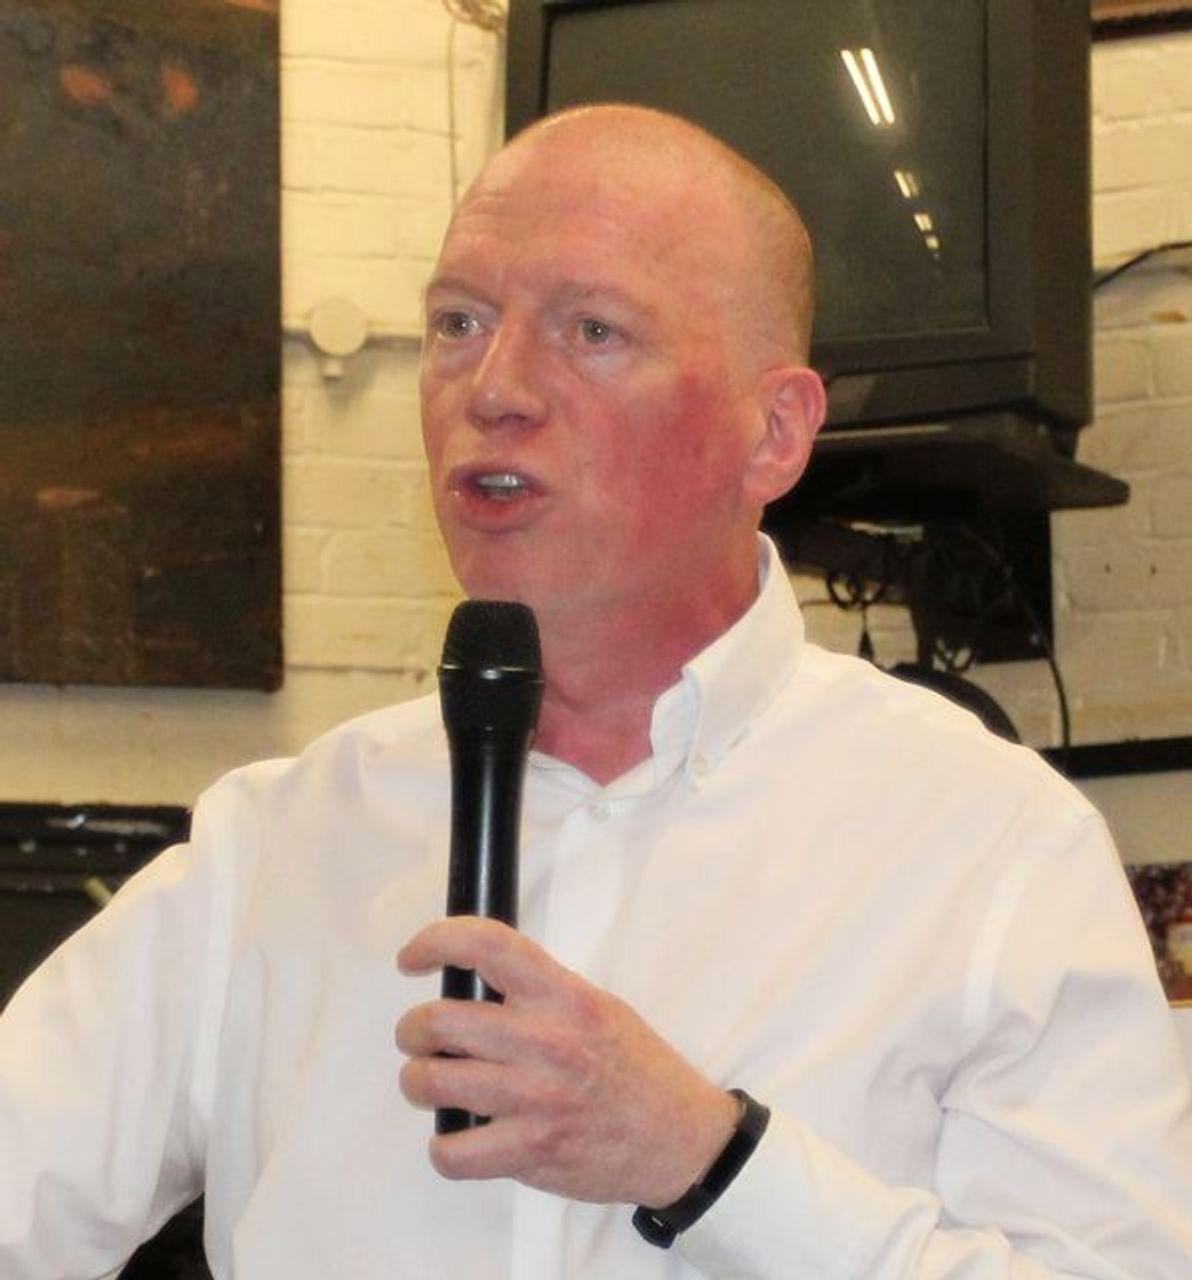 FBU leader Matt Wrack